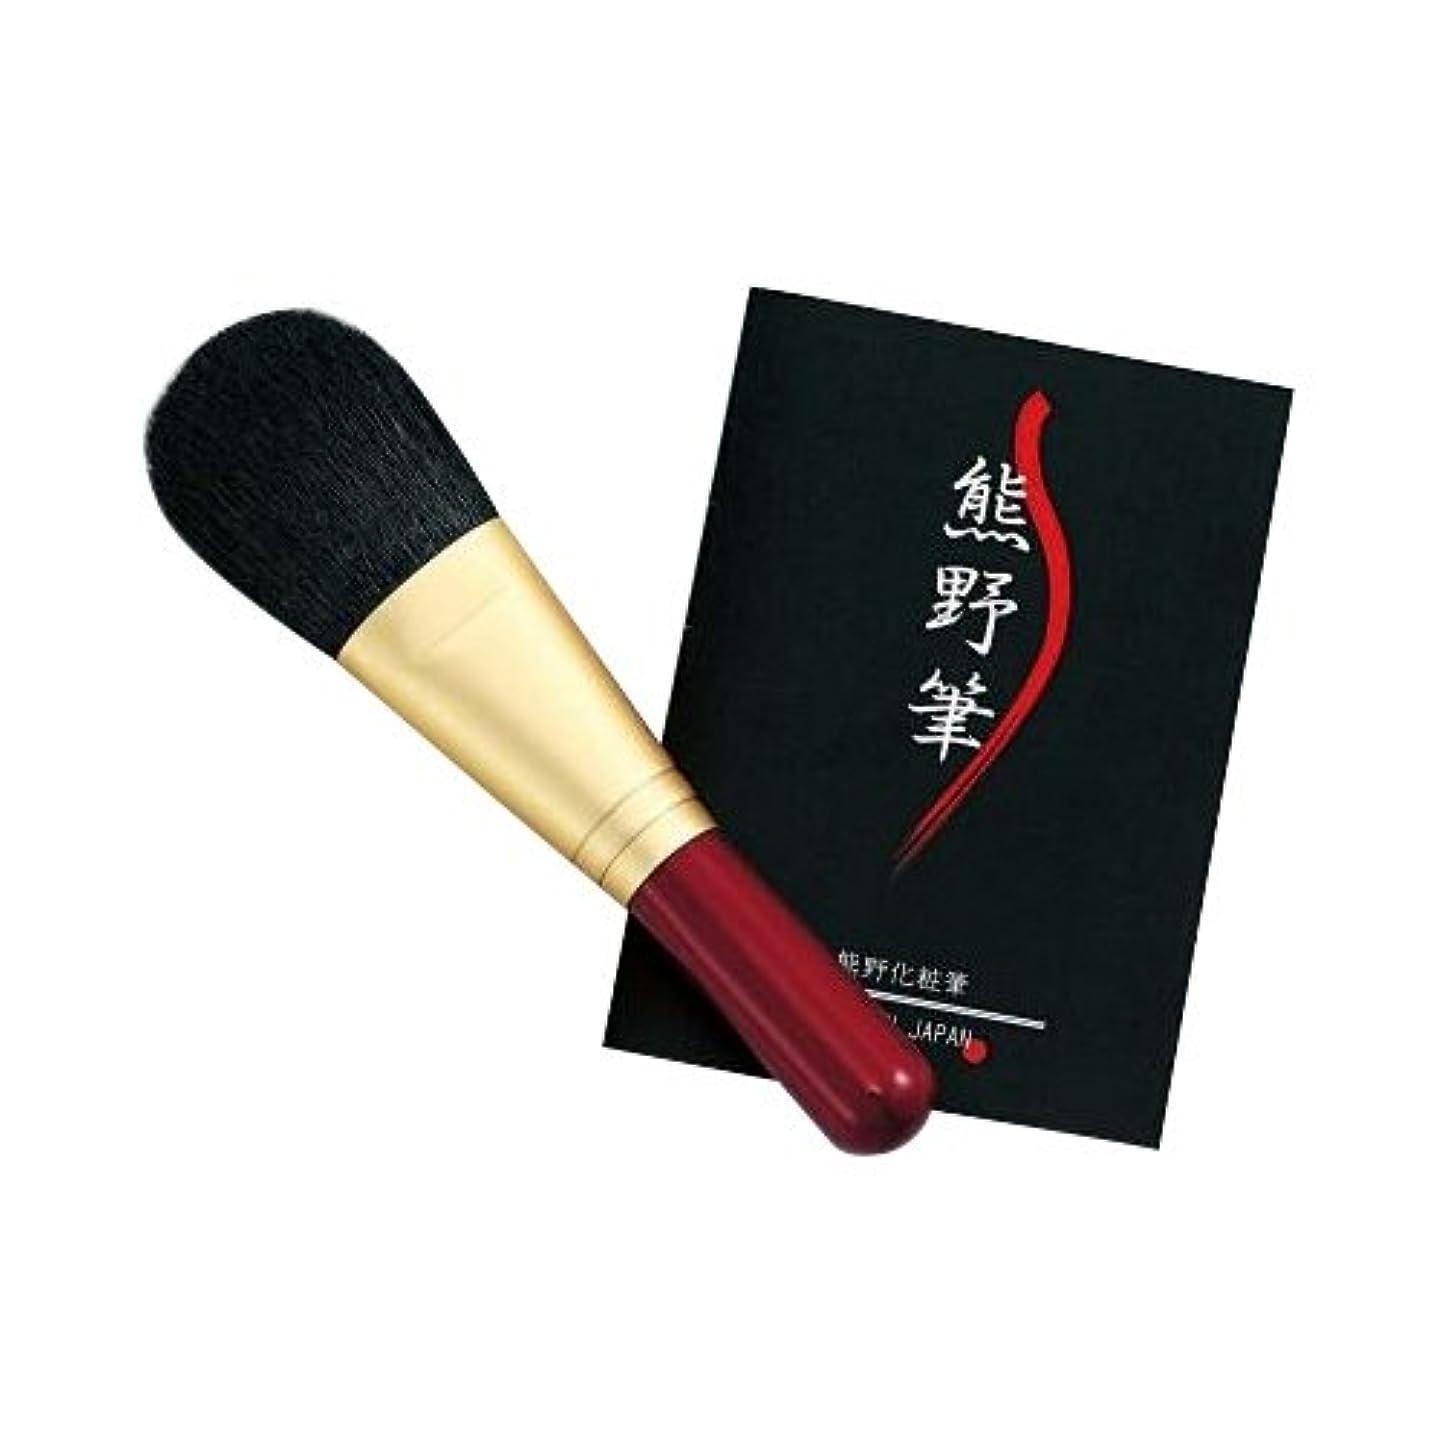 ネックレットバスルームテーブルを設定するゼニス 熊野化粧筆 筆の心 フェイスブラシ(ショート)